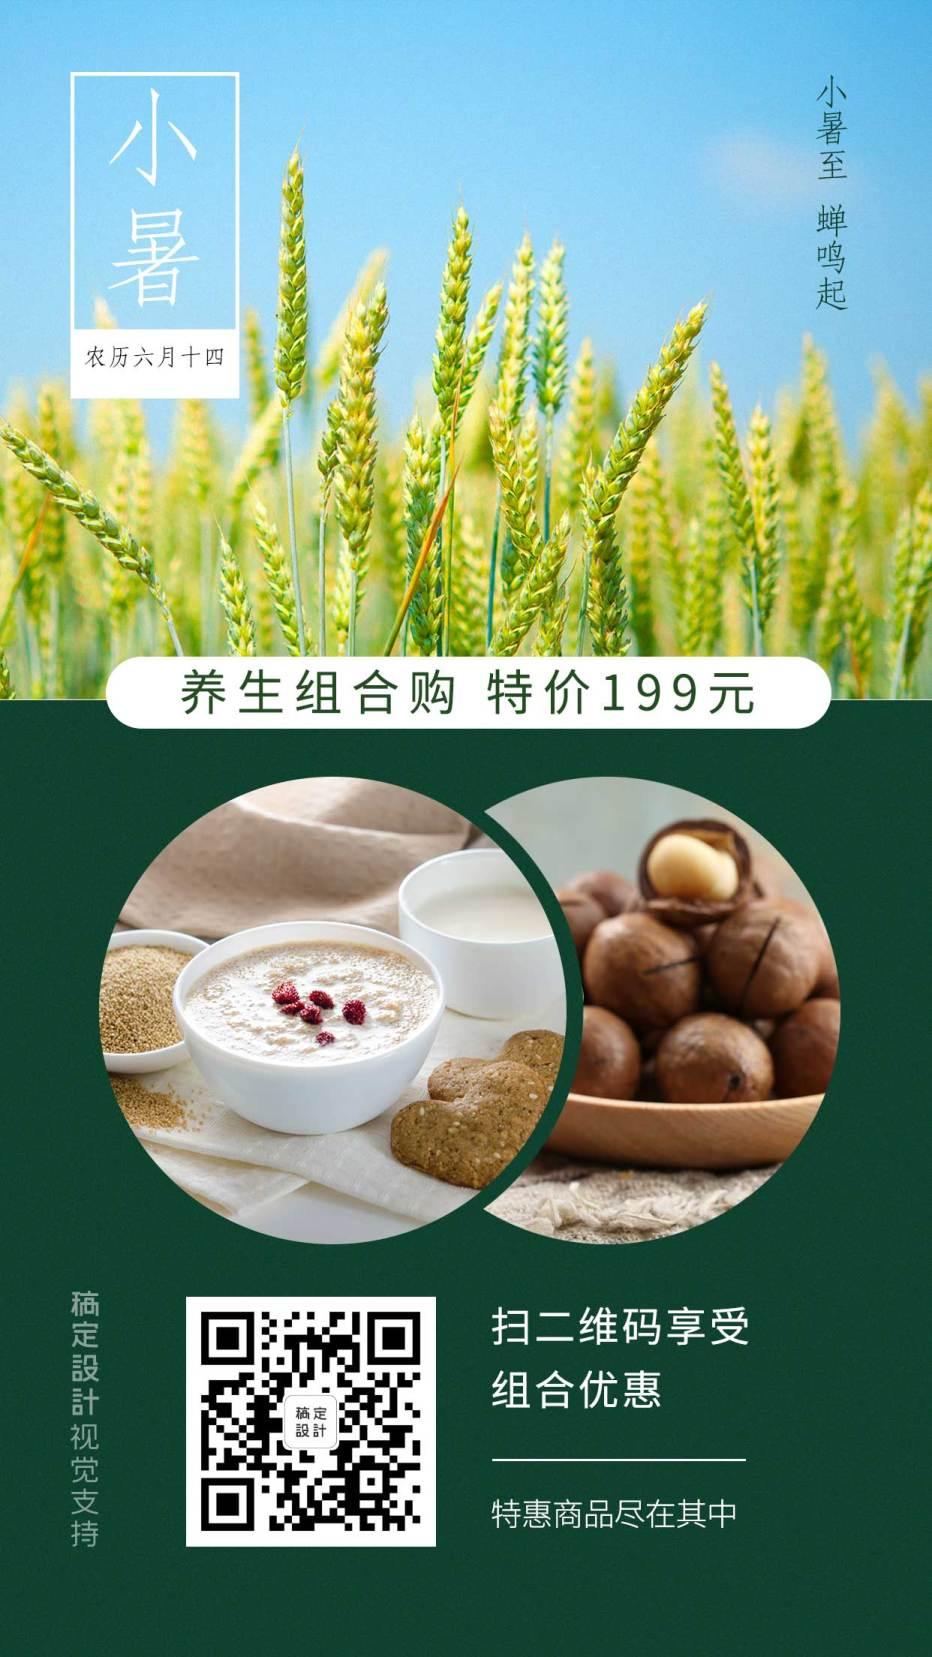 小暑节气养生产品活动促销引流